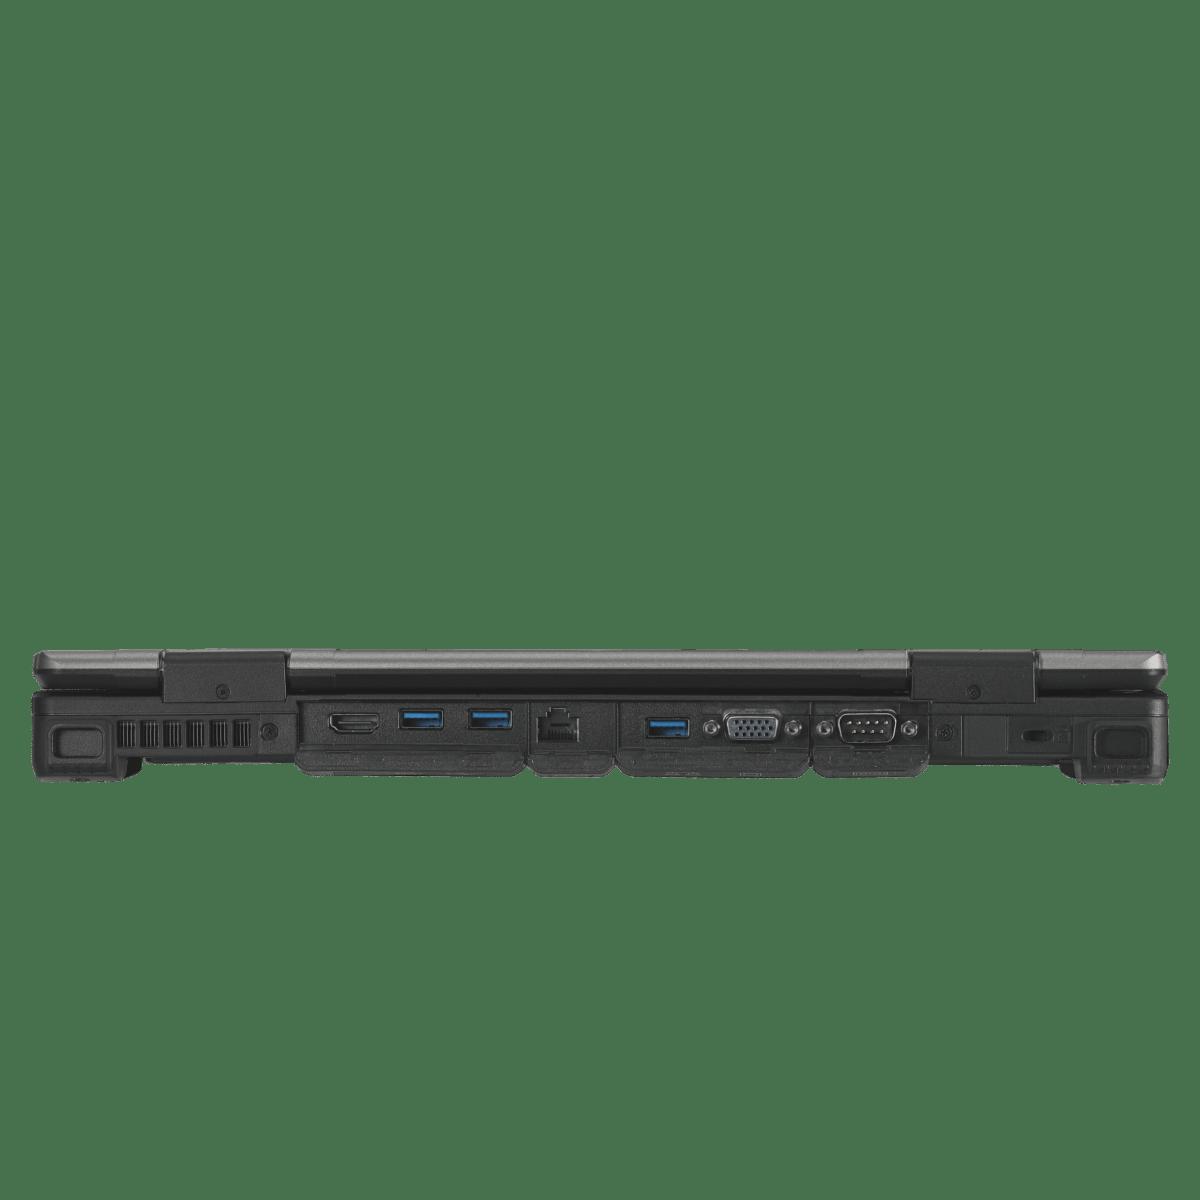 Industrie-Notebook-S410-IO-Port-Getac